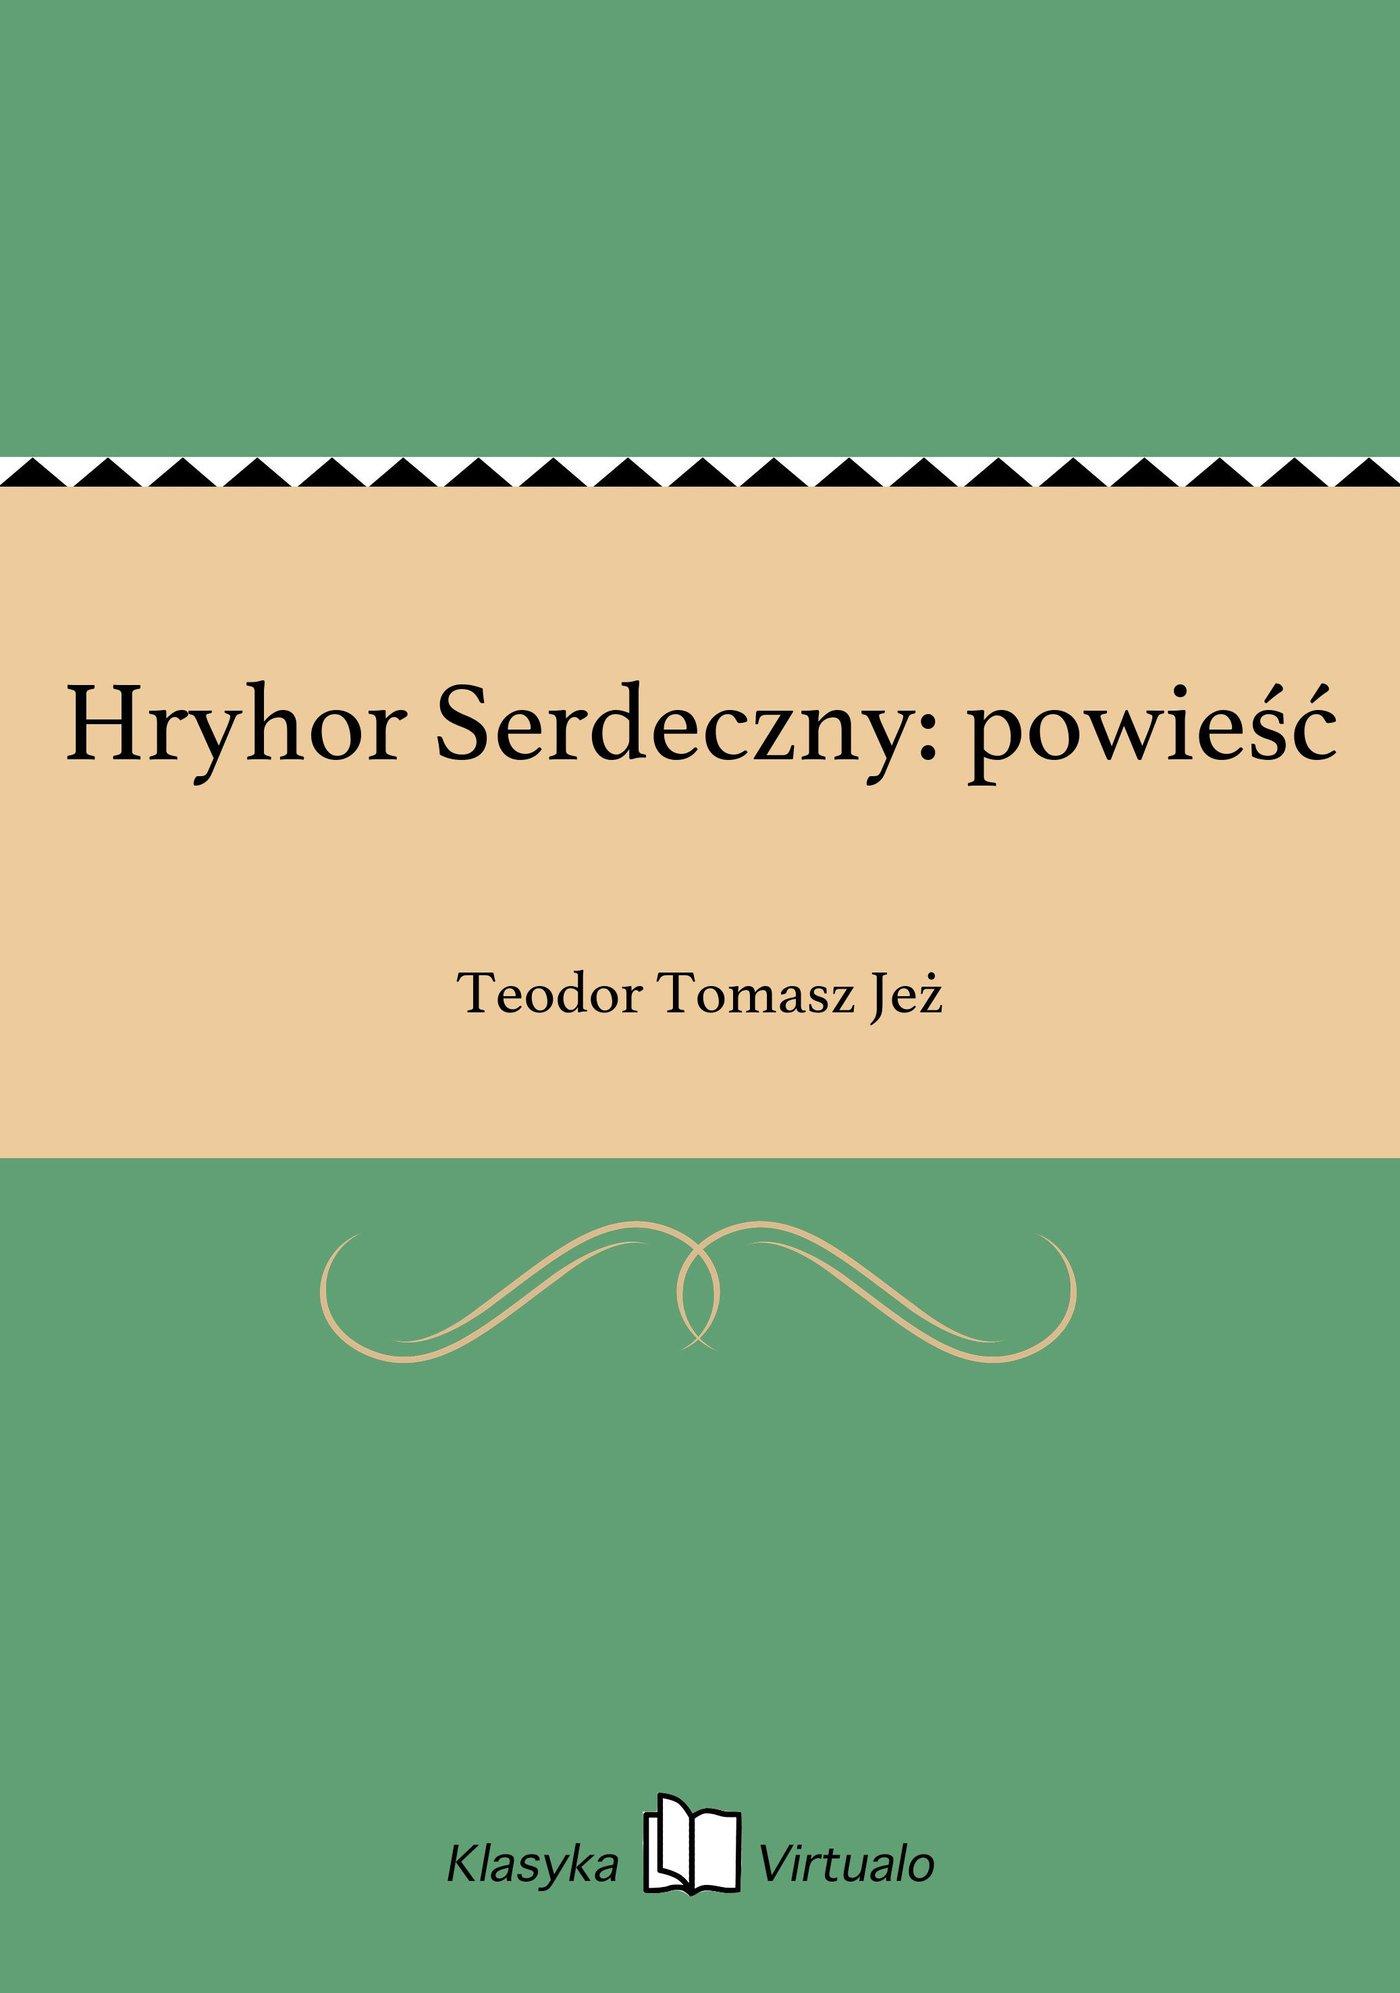 Hryhor Serdeczny: powieść - Ebook (Książka EPUB) do pobrania w formacie EPUB